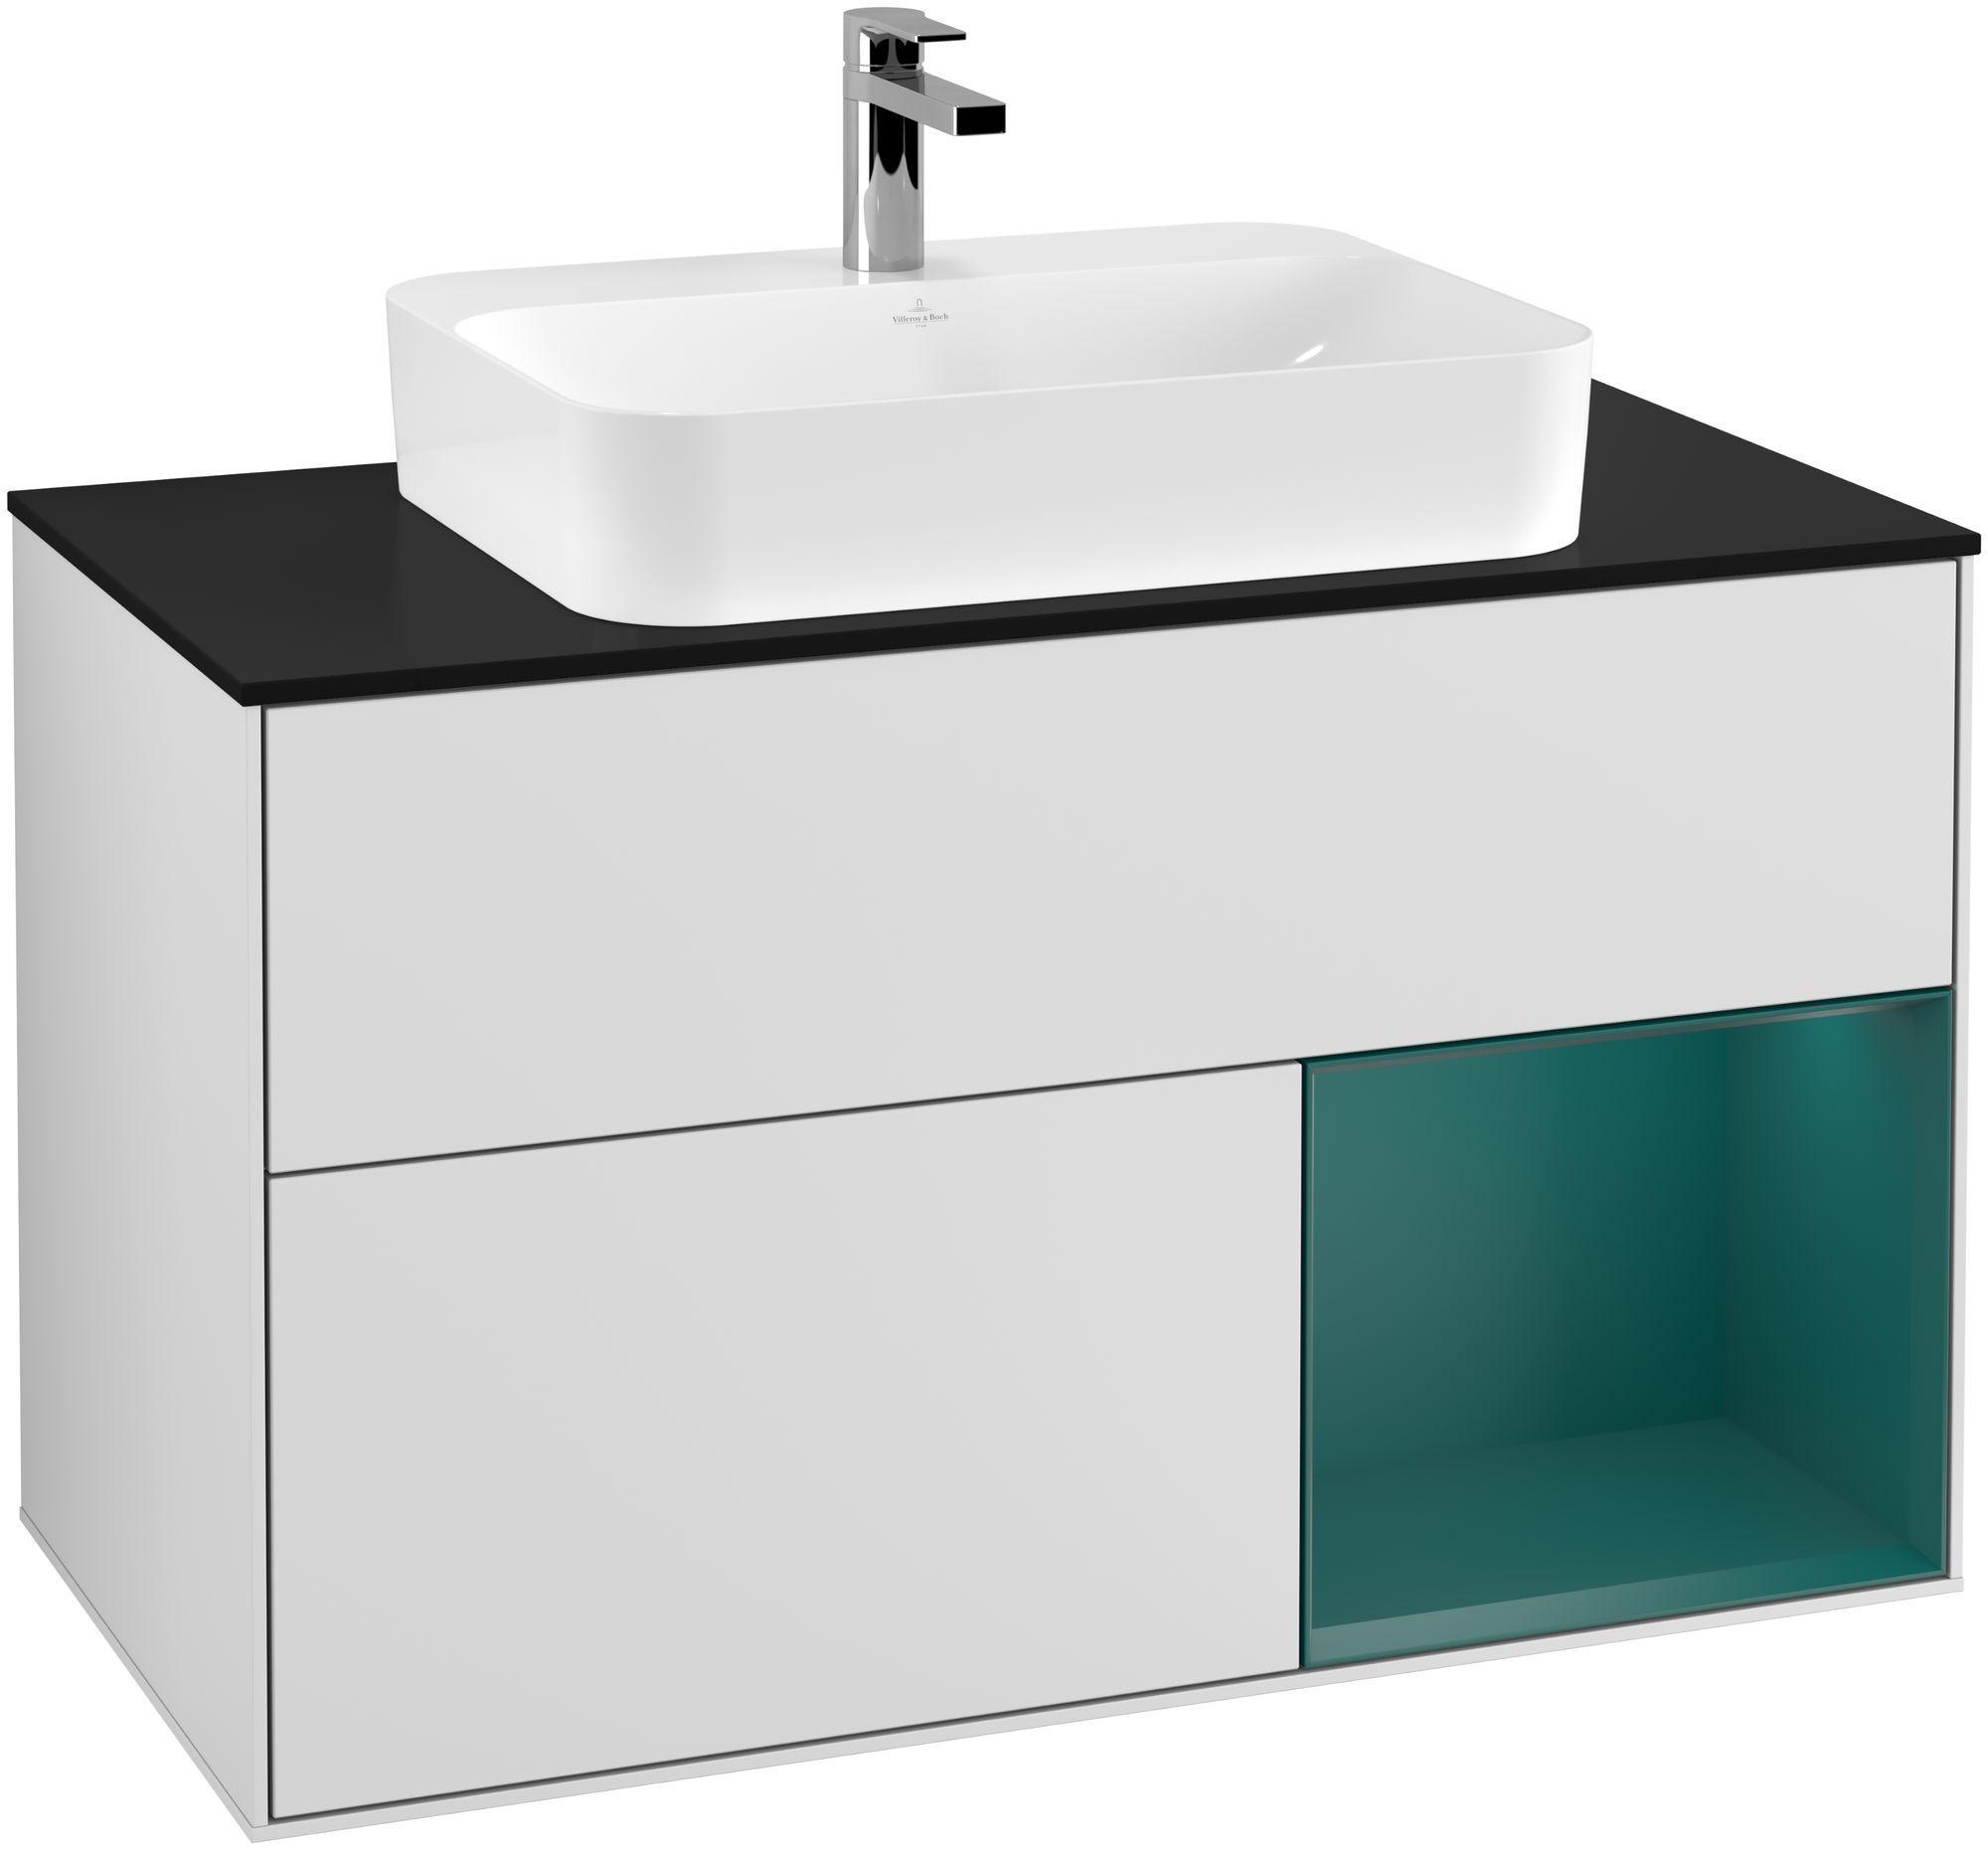 Villeroy & Boch Finion G37 Waschtischunterschrank mit Regalelement 2 Auszüge für WT mittig LED-Beleuchtung B:100xH:60,3xT:50,1cm Front, Korpus: Weiß Matt Soft Grey, Regal: Cedar, Glasplatte: Black Matt G372GSMT